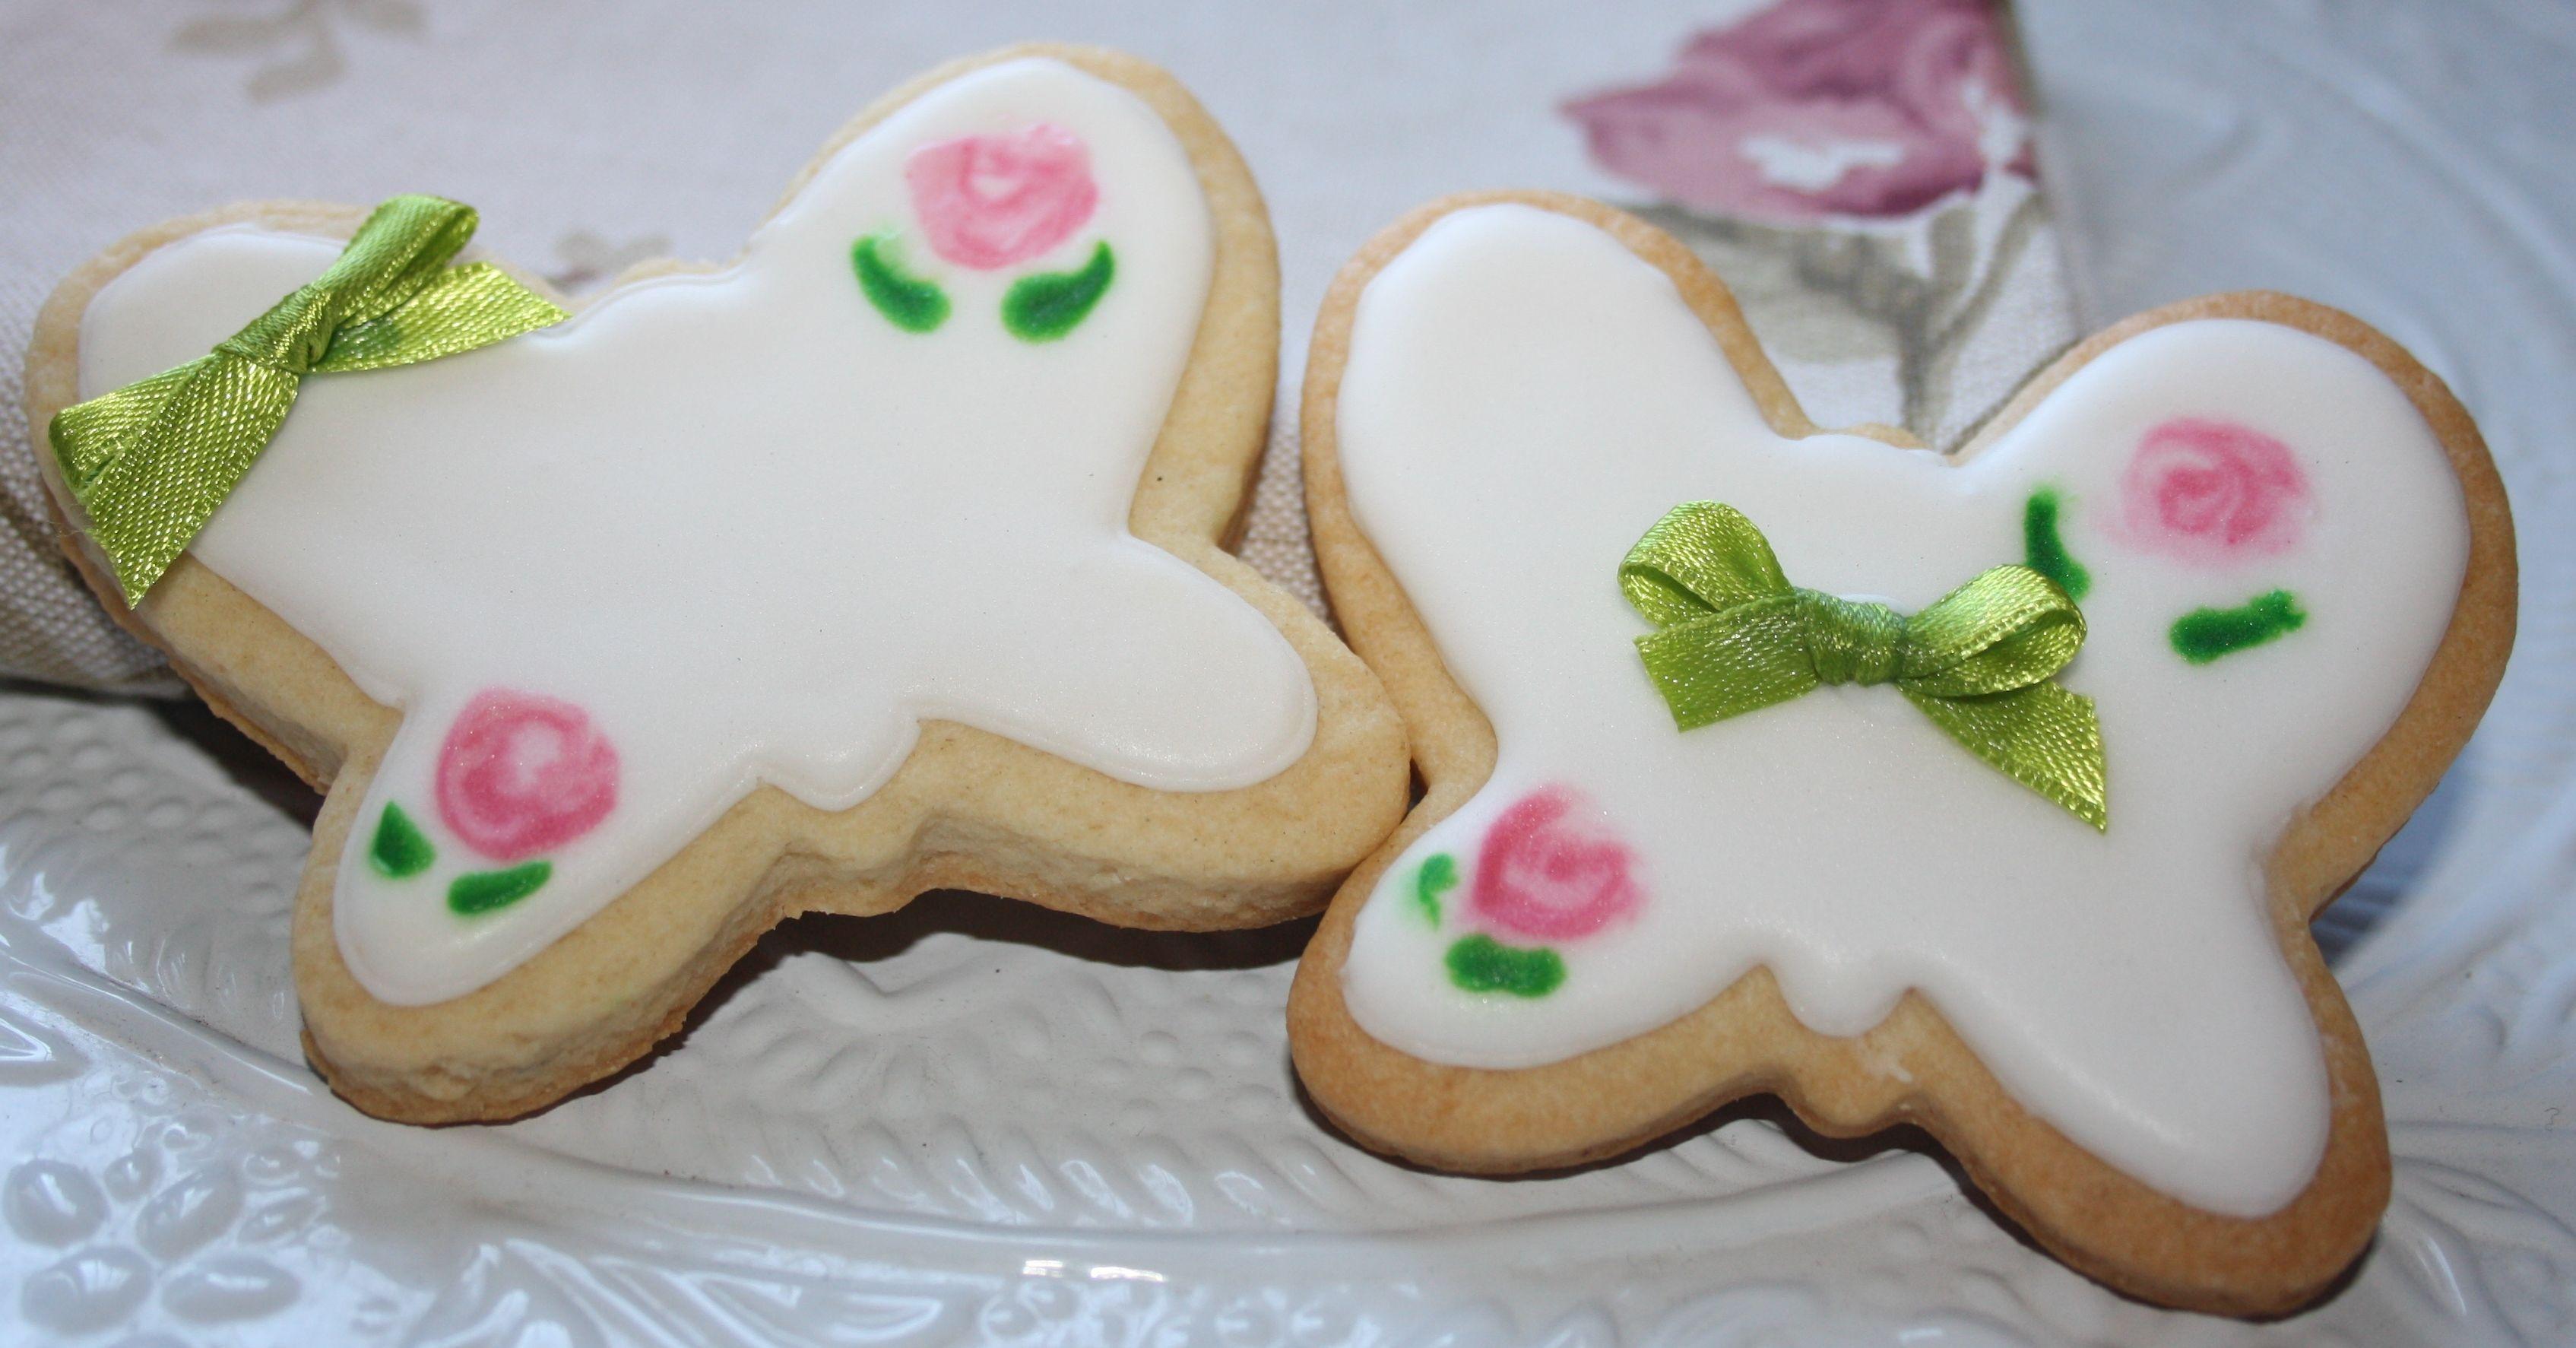 galletas decoradas forma corazon - Buscar con Google